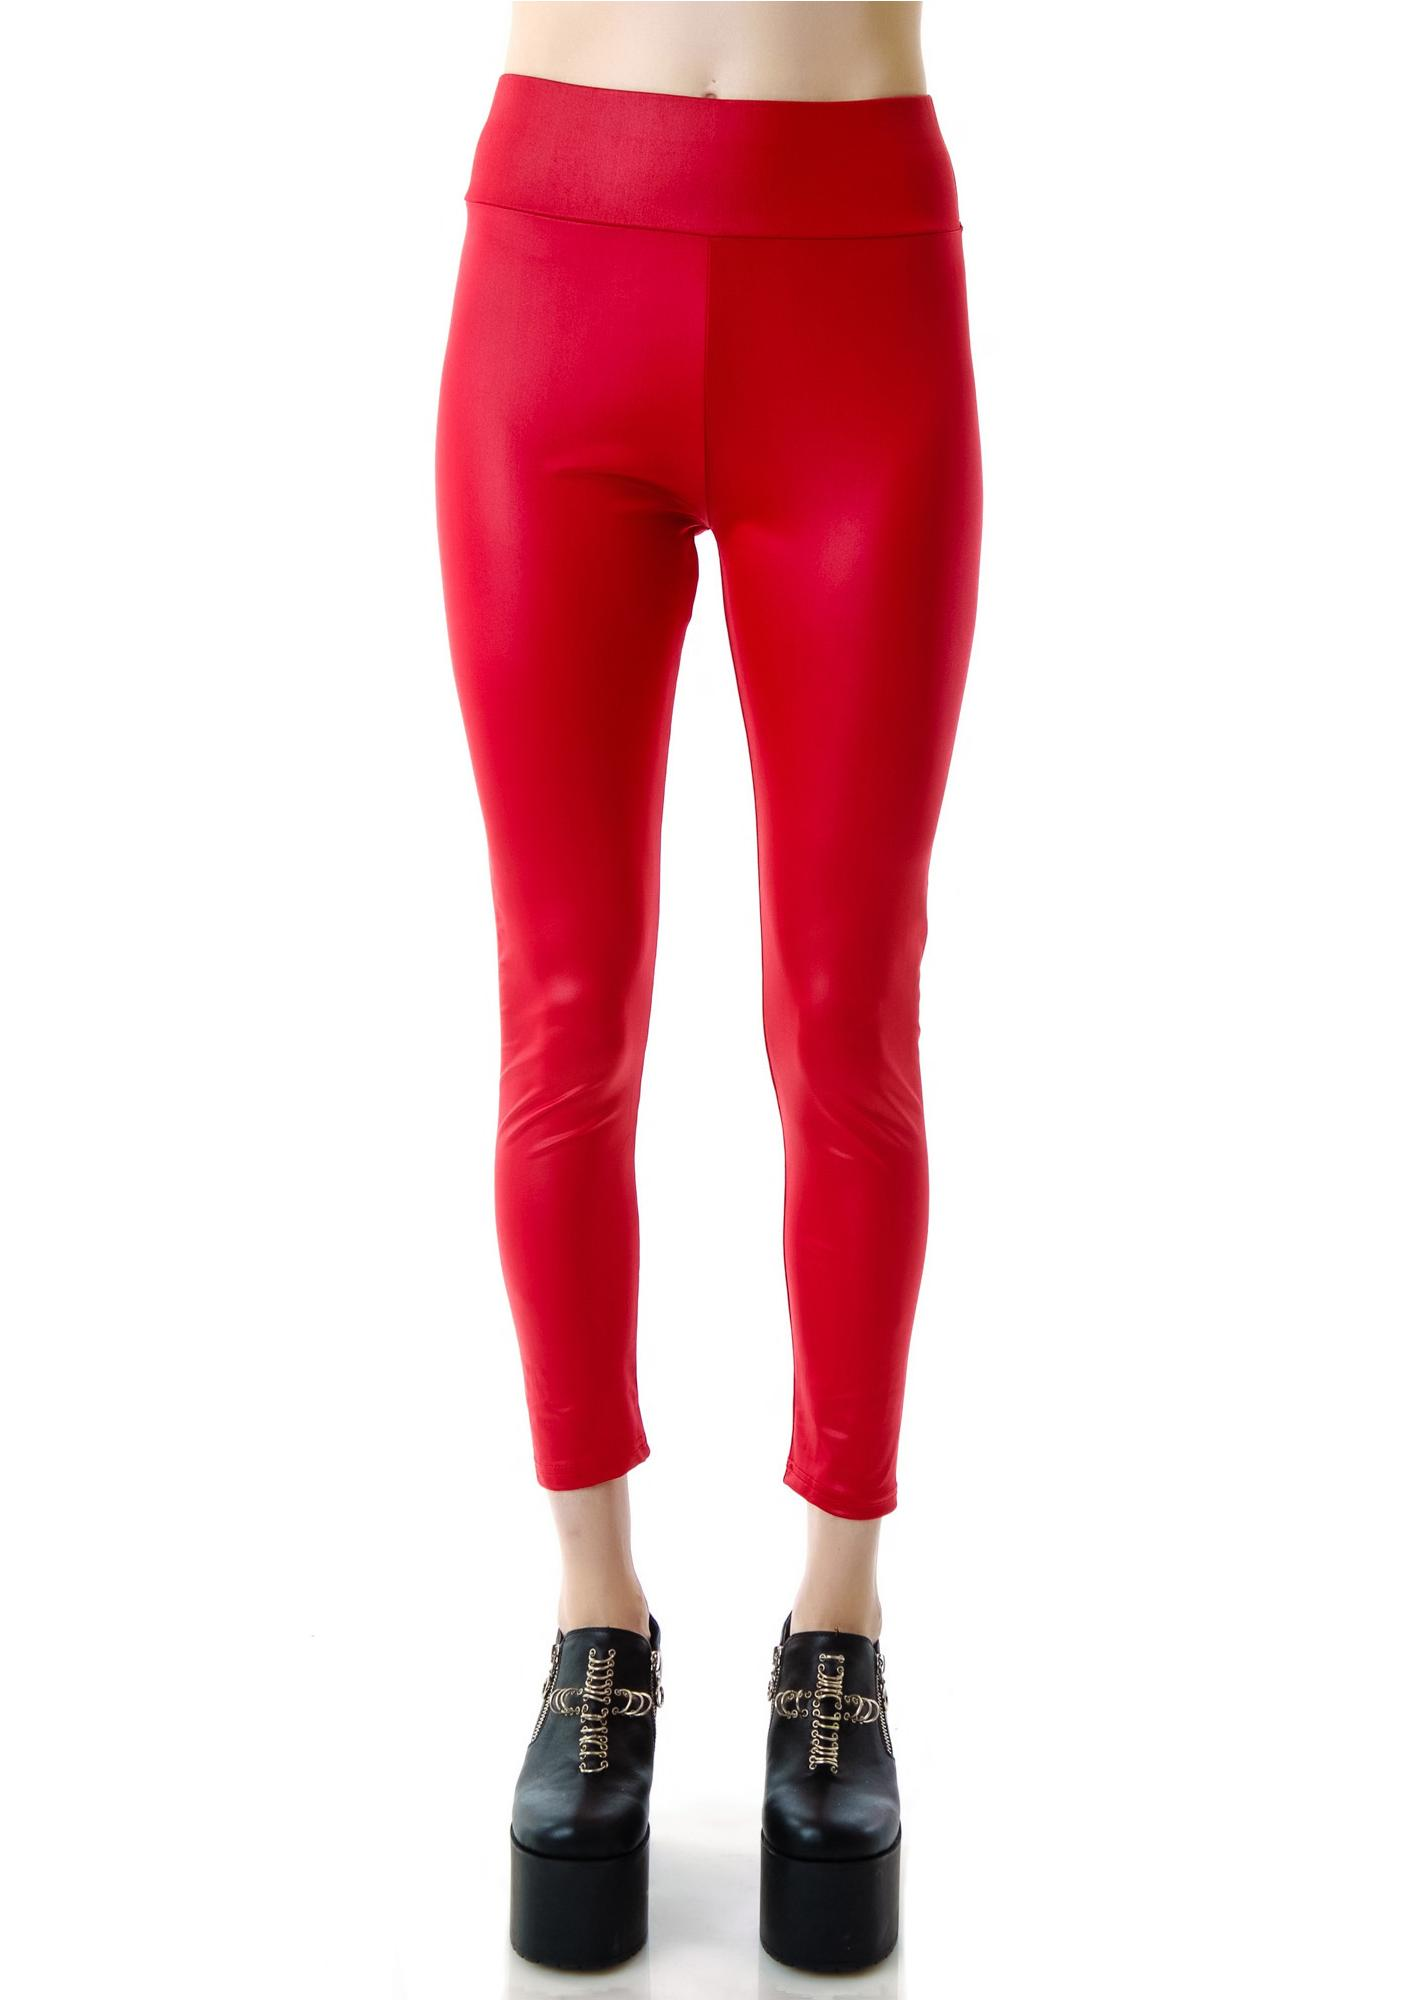 Hot Like Fire Engine Red Leggings